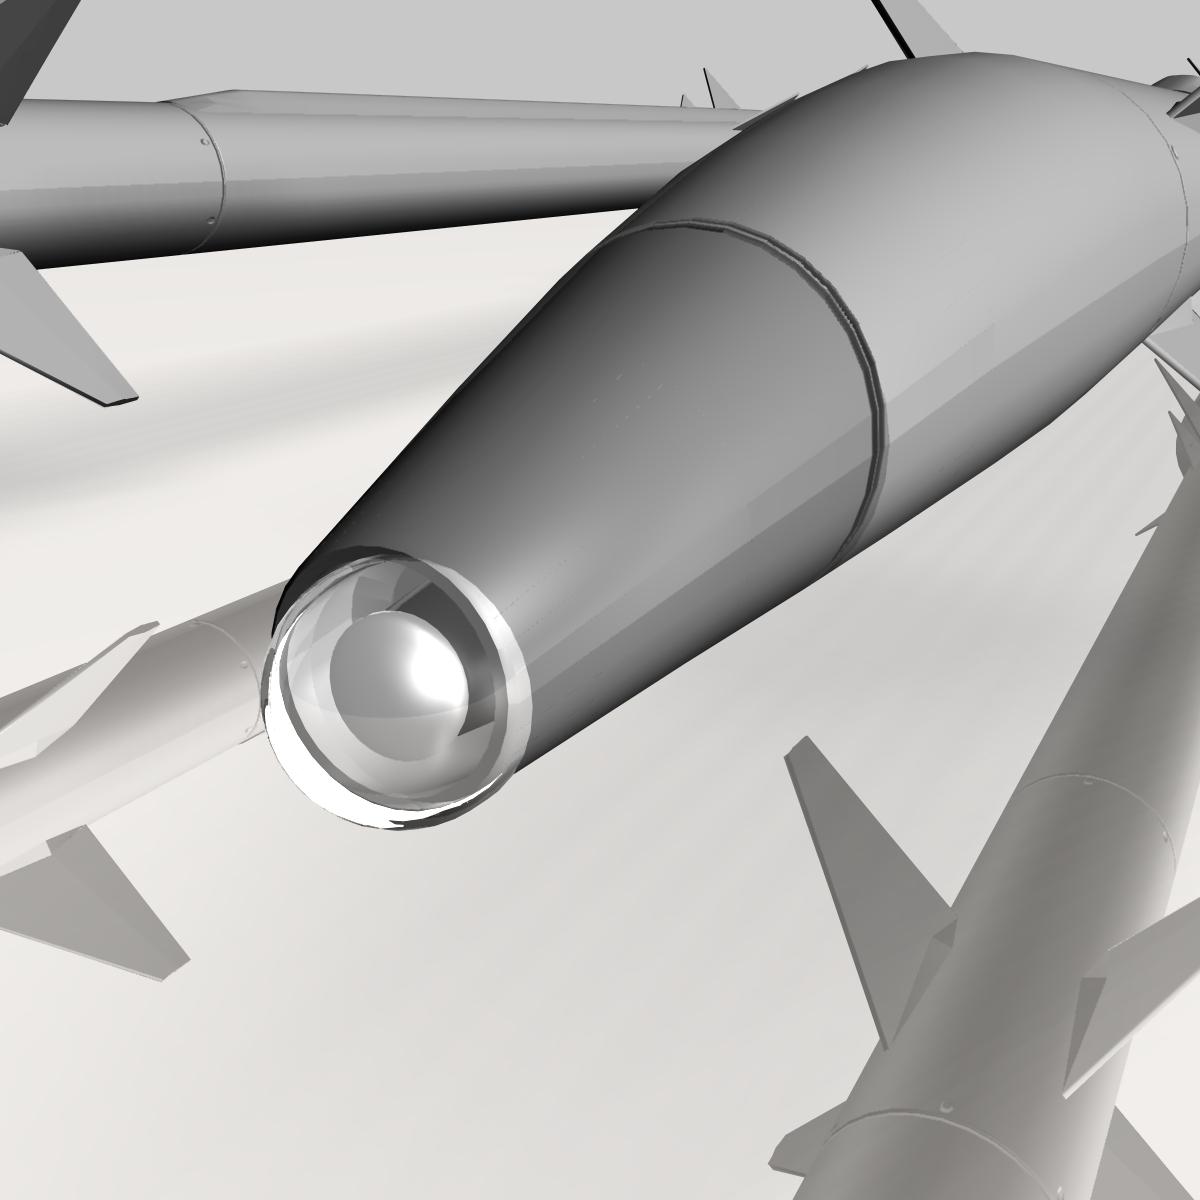 israeli stunner missile 3d model 3ds dxf cob x obj 150544